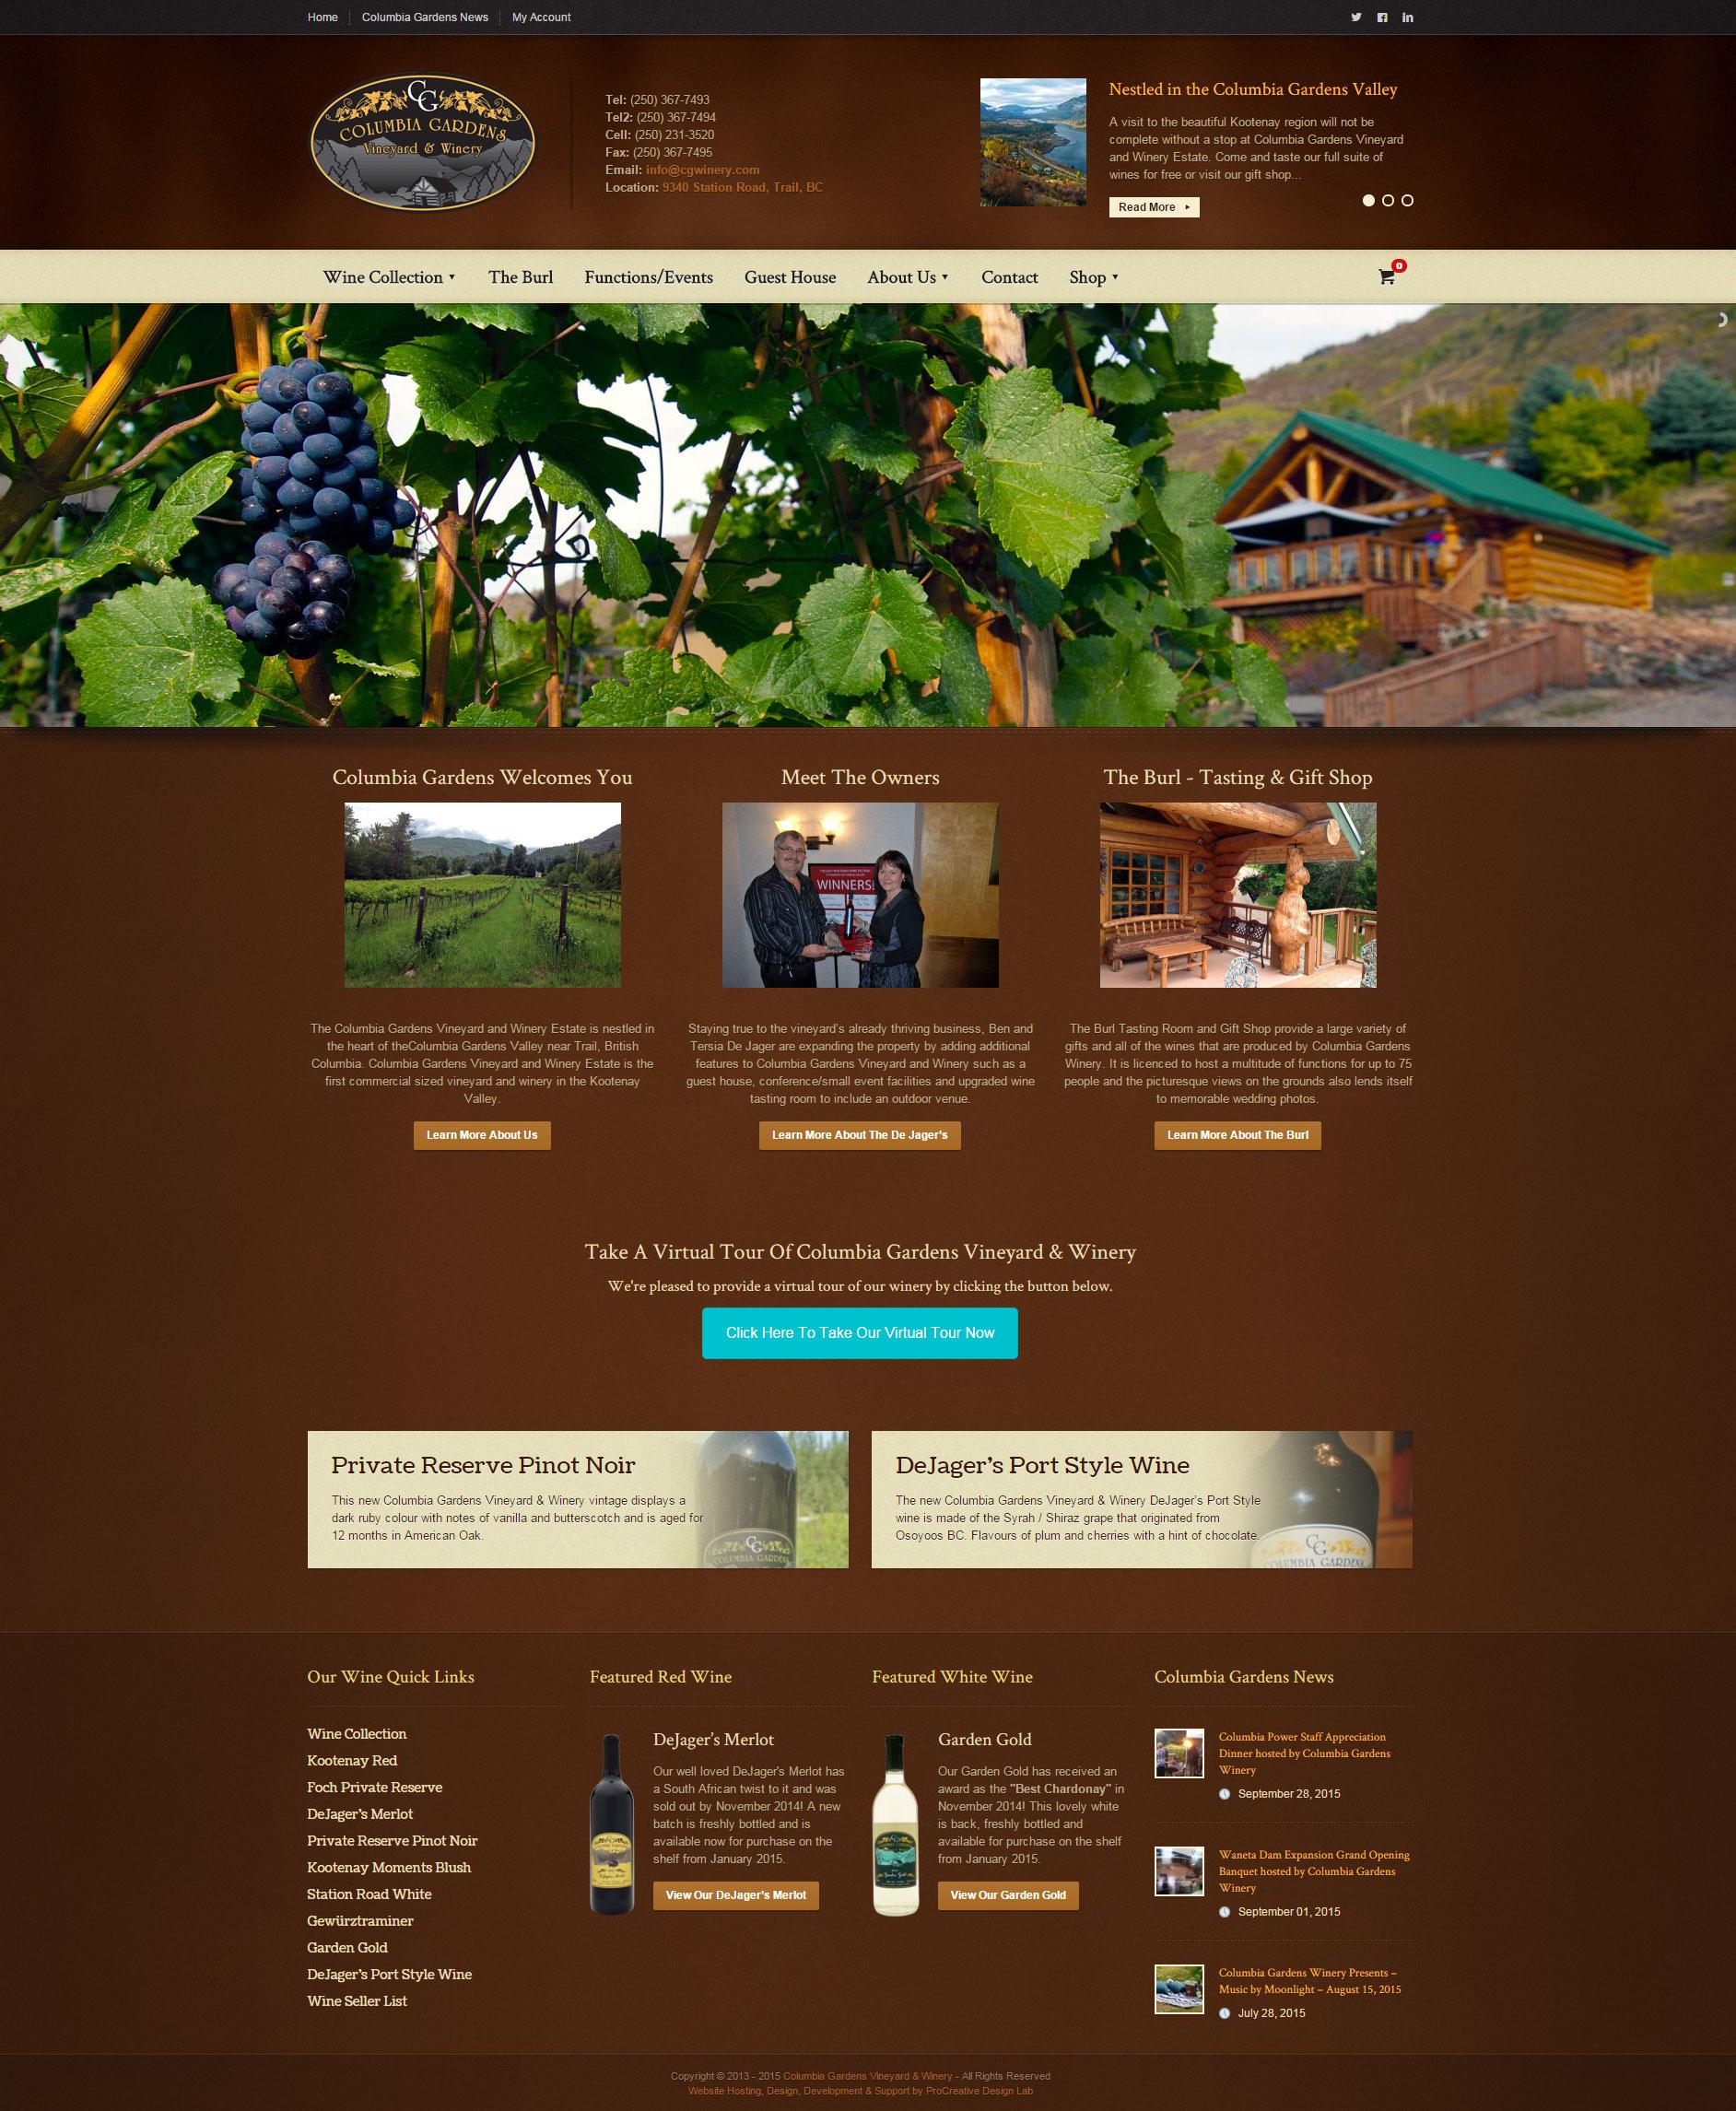 Columbia Gardens Vineyard and Winery